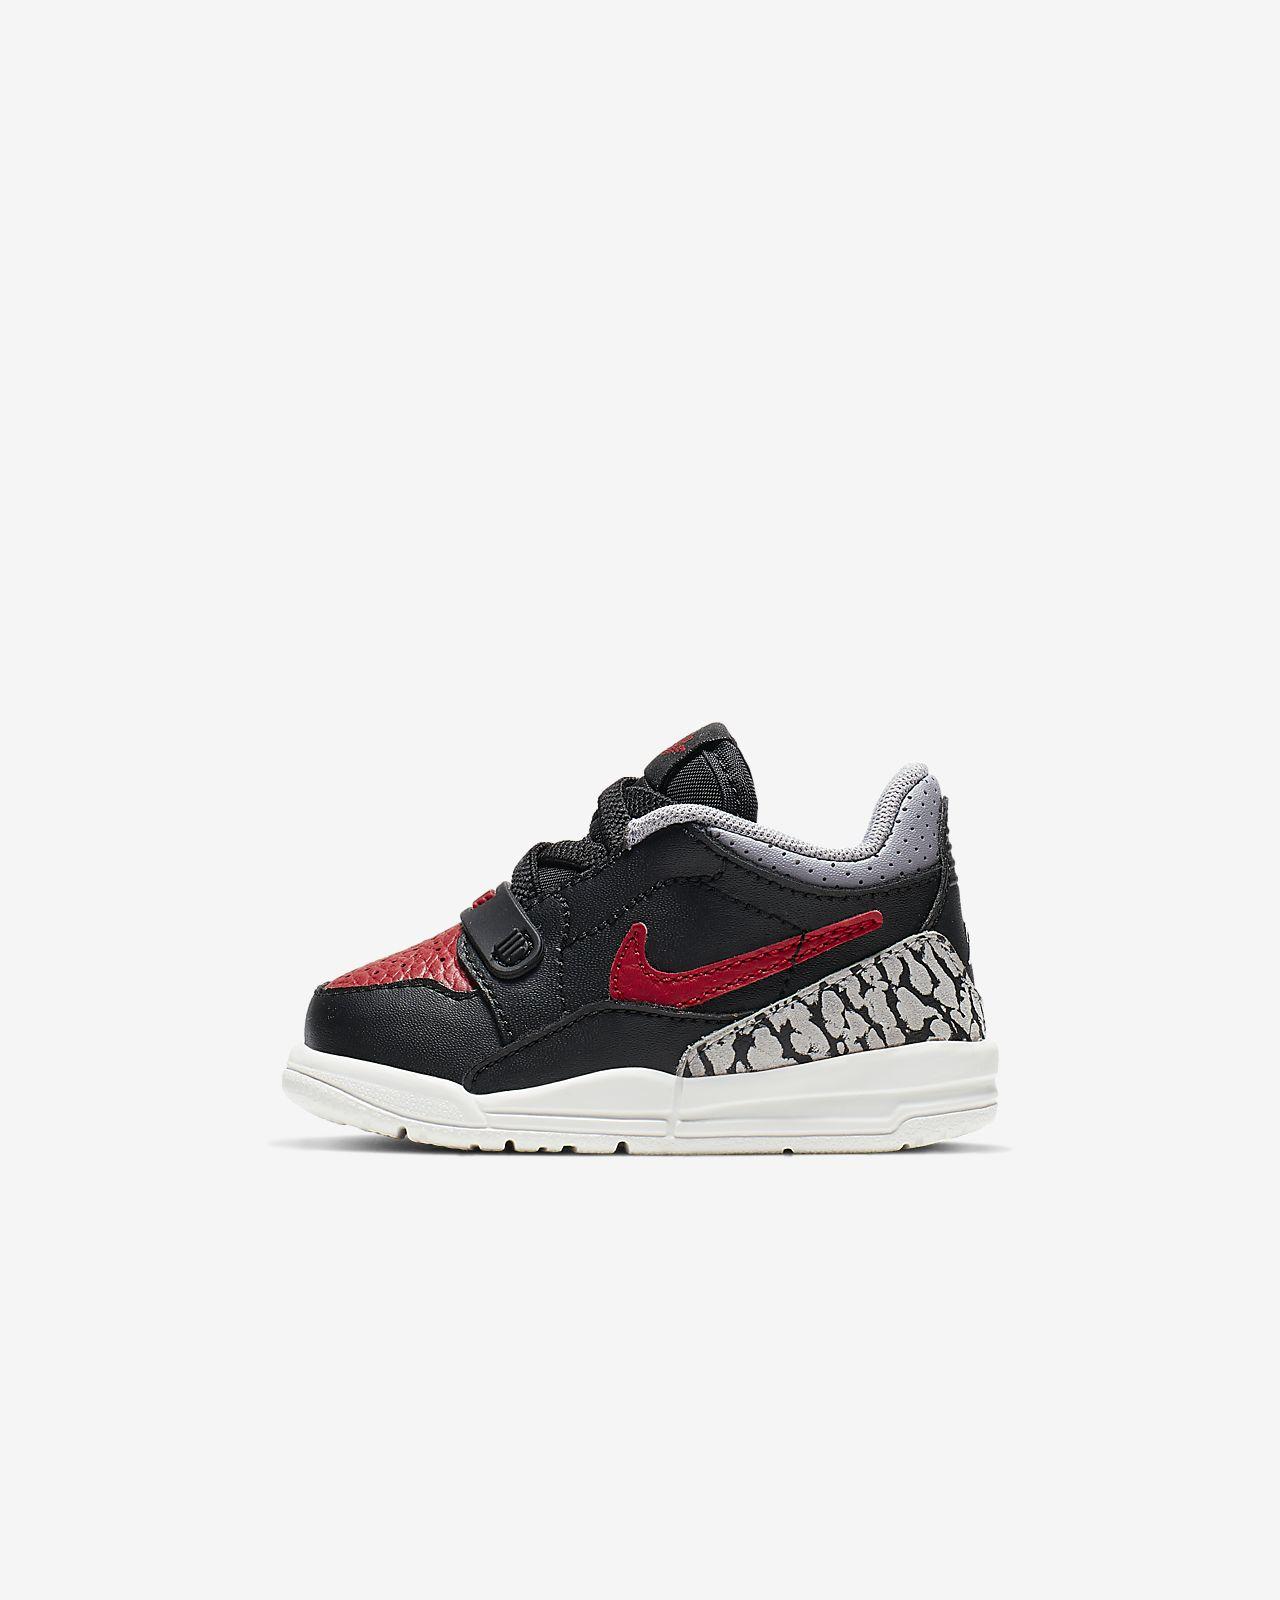 Air Jordan Legacy 312 Low Schoen voor baby's/peuters